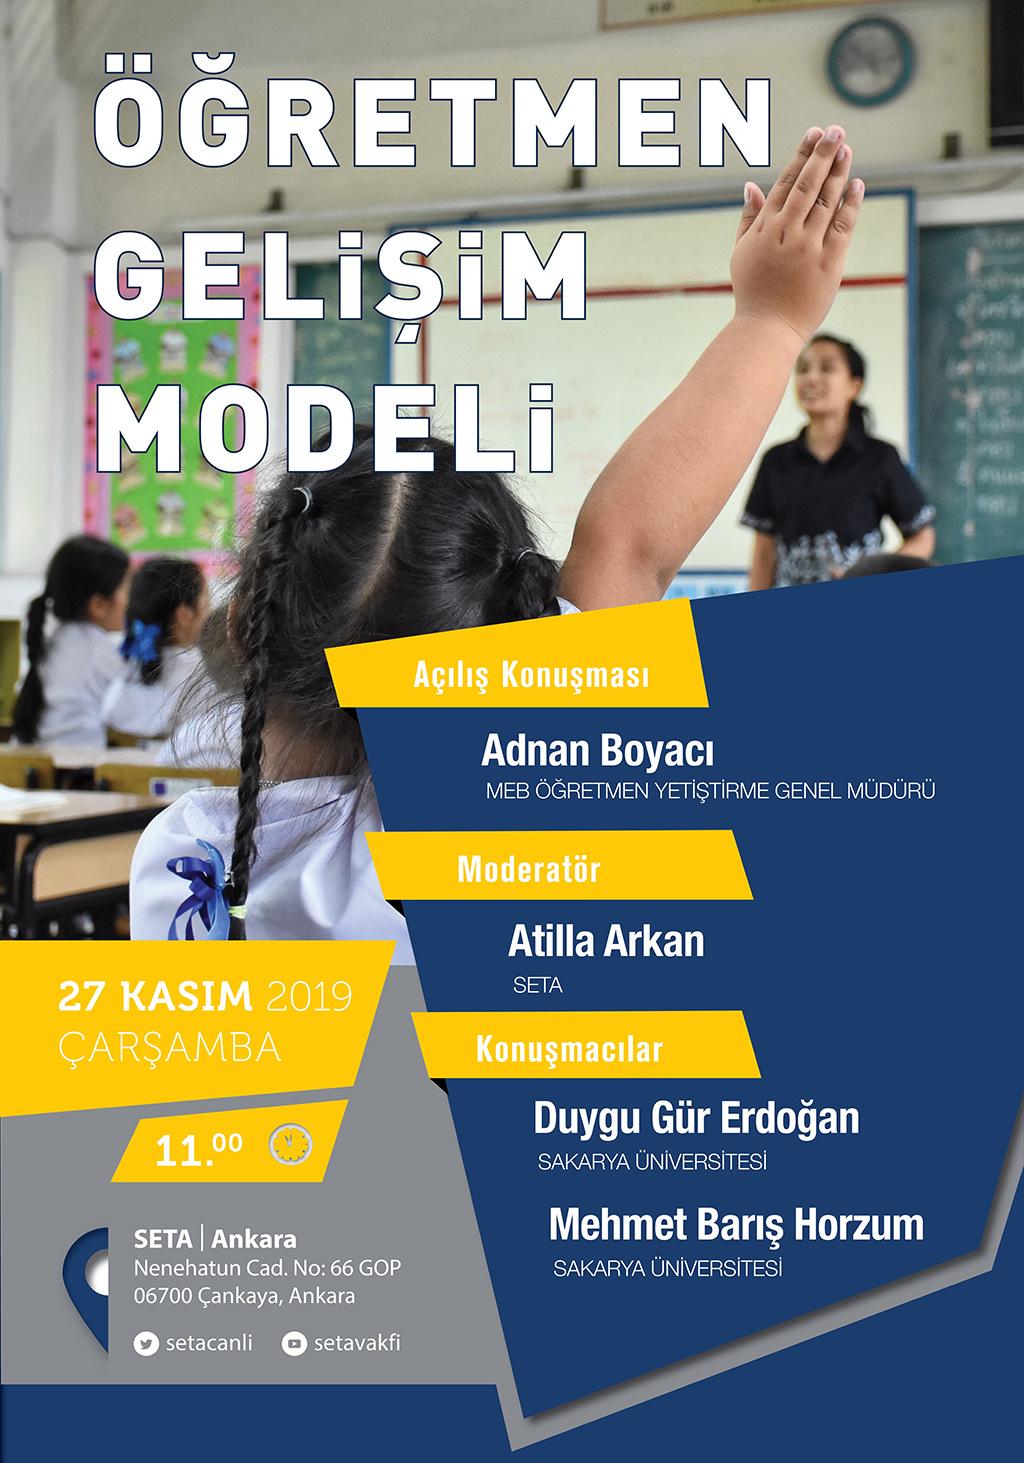 Panel: Öğretmen Gelişim Modeli